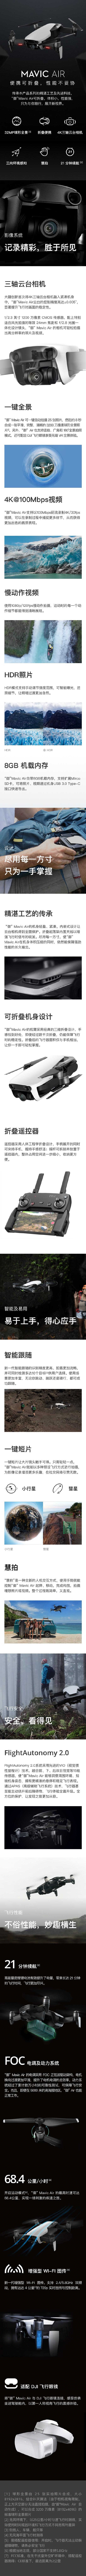 4999元!大疆正式发布御Mavic Air随行无人机:轻盈一握